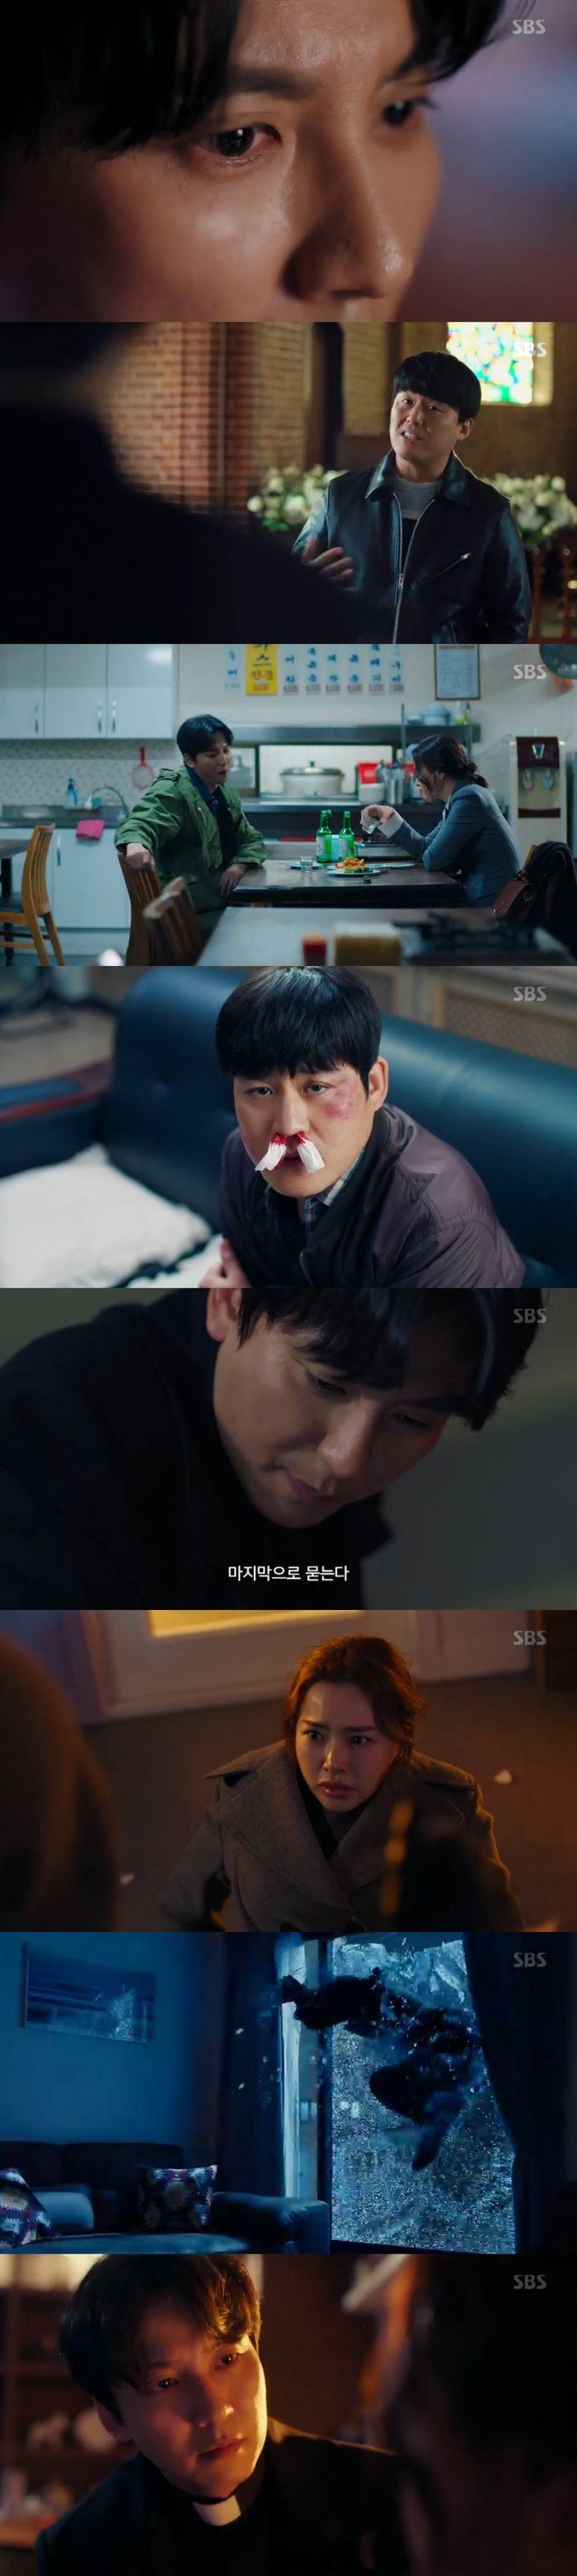 """[스브스夜] '열혈사제' 김남길, 유리창 깨고 이하늬 구했다 """"괜찮아 영감님?"""""""